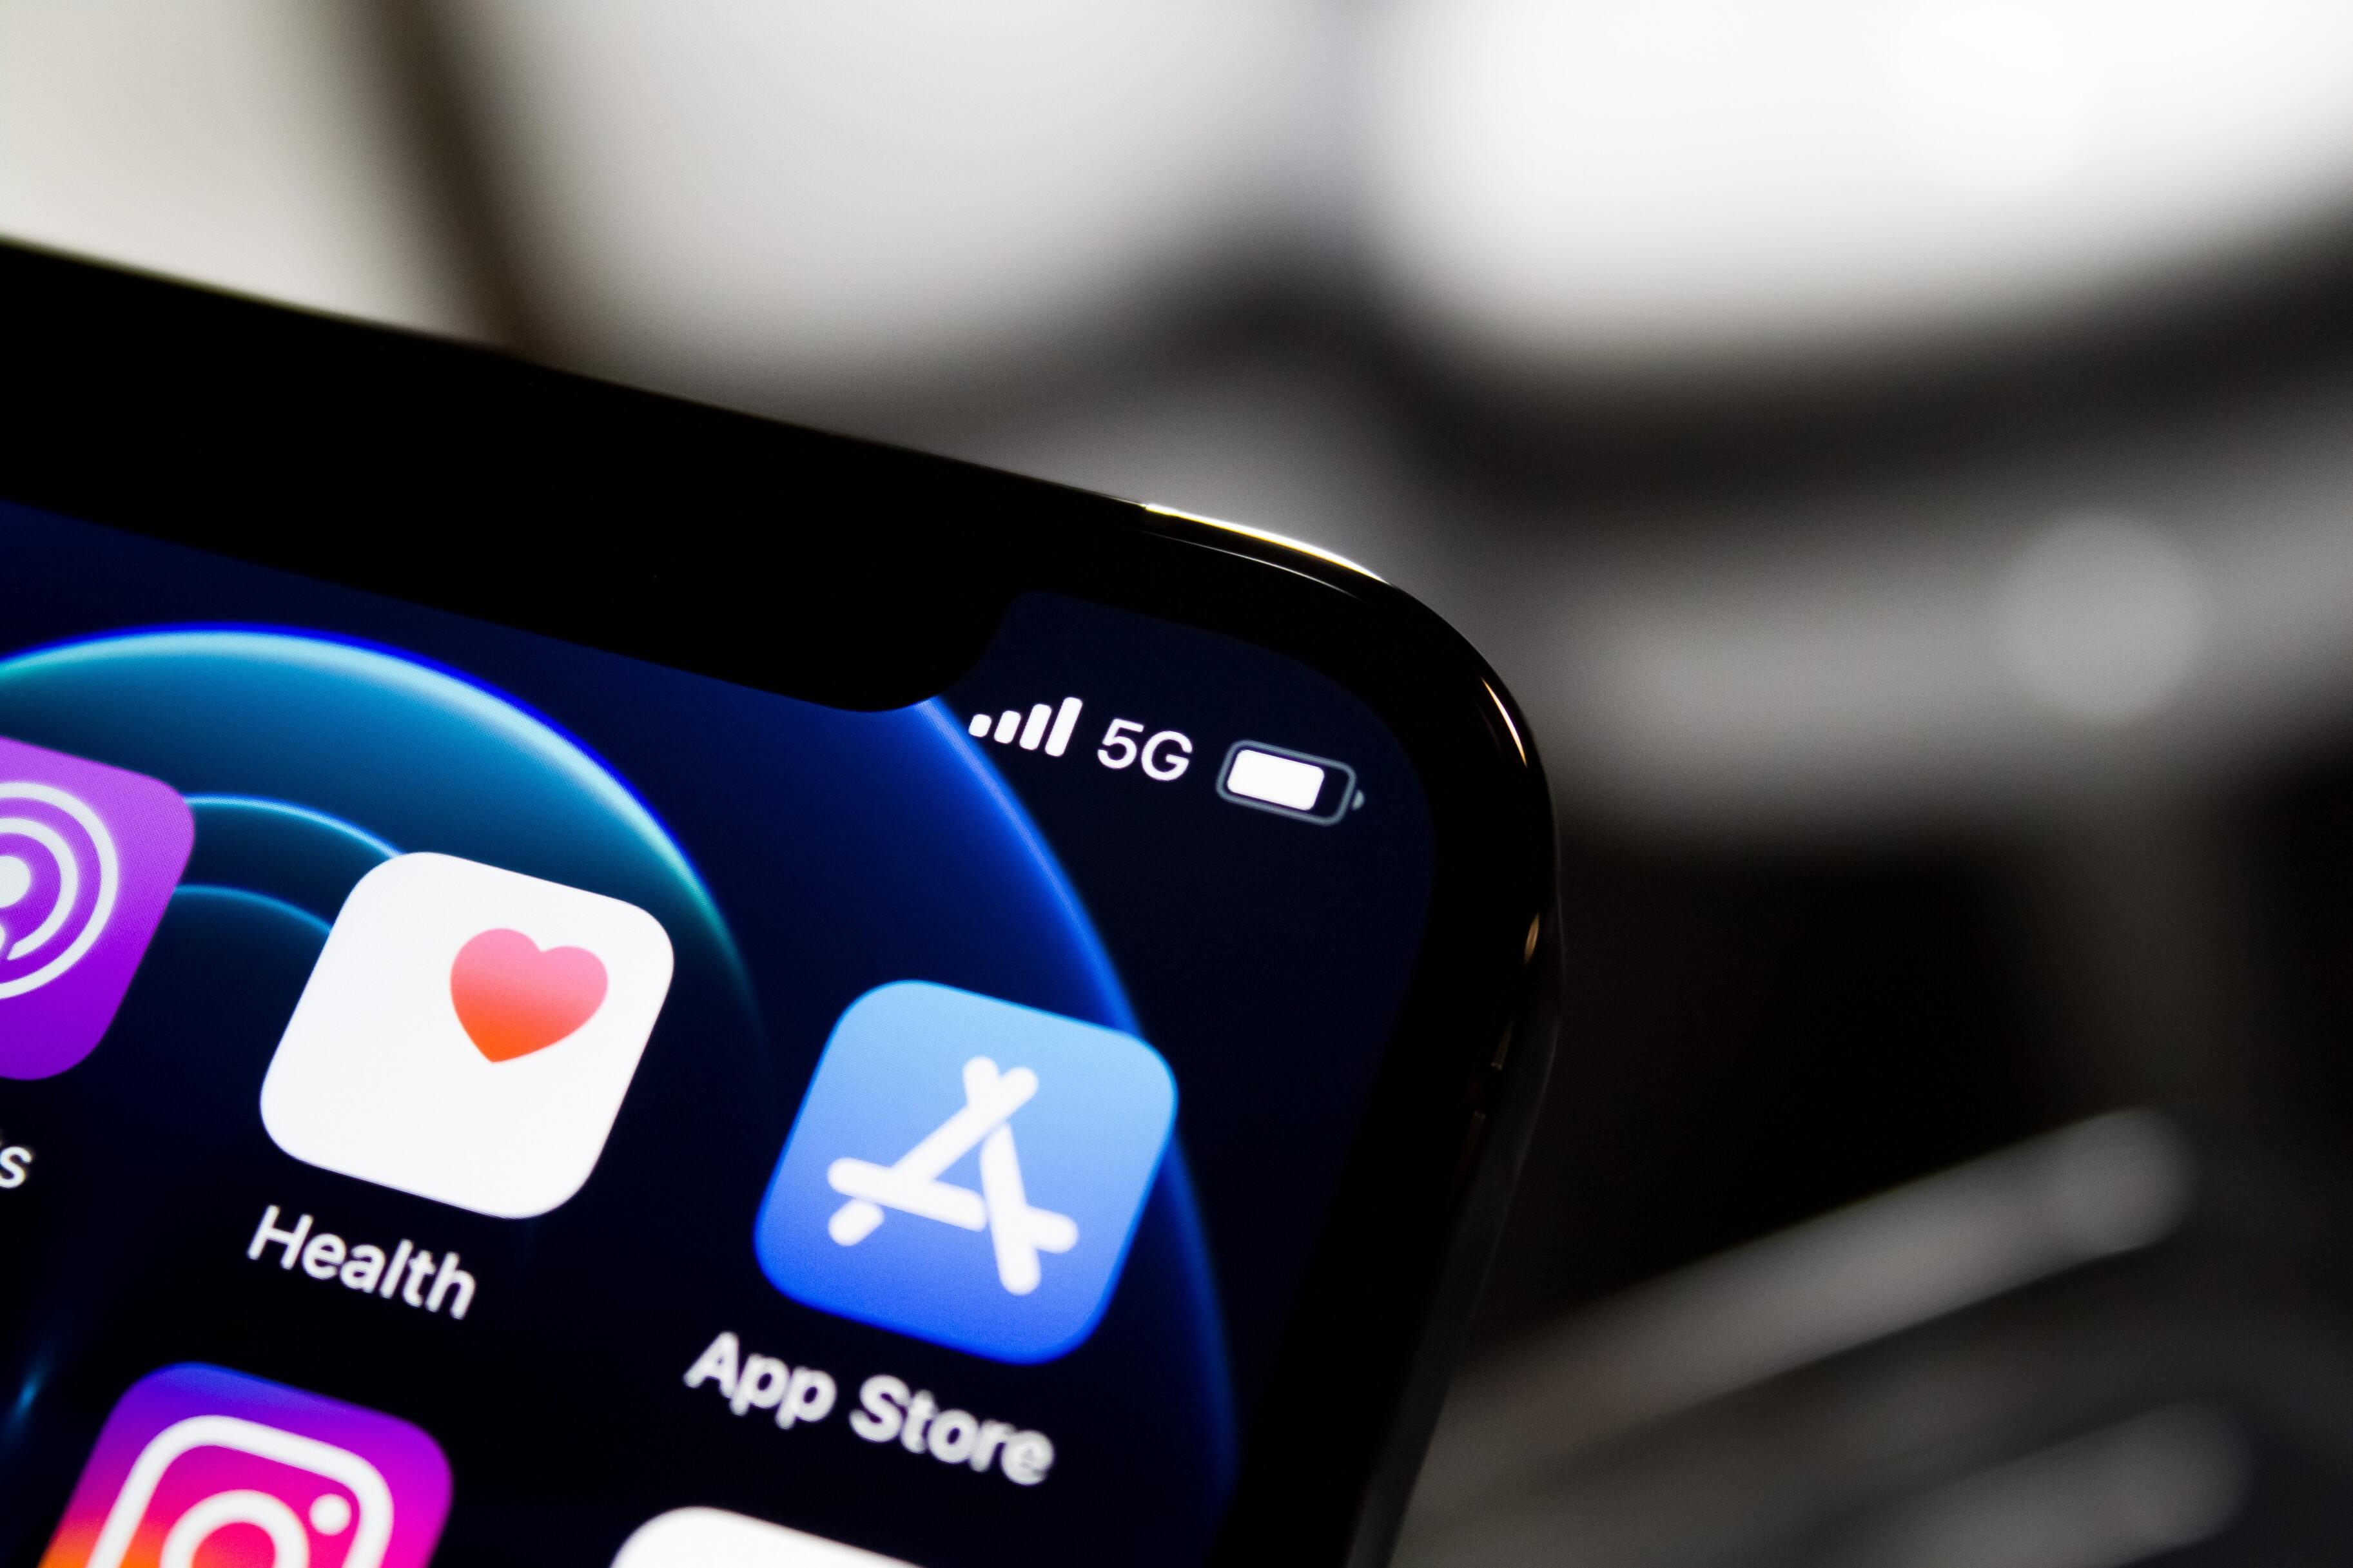 Apple оставила попытки удалить приложение Амфетамин из App Store